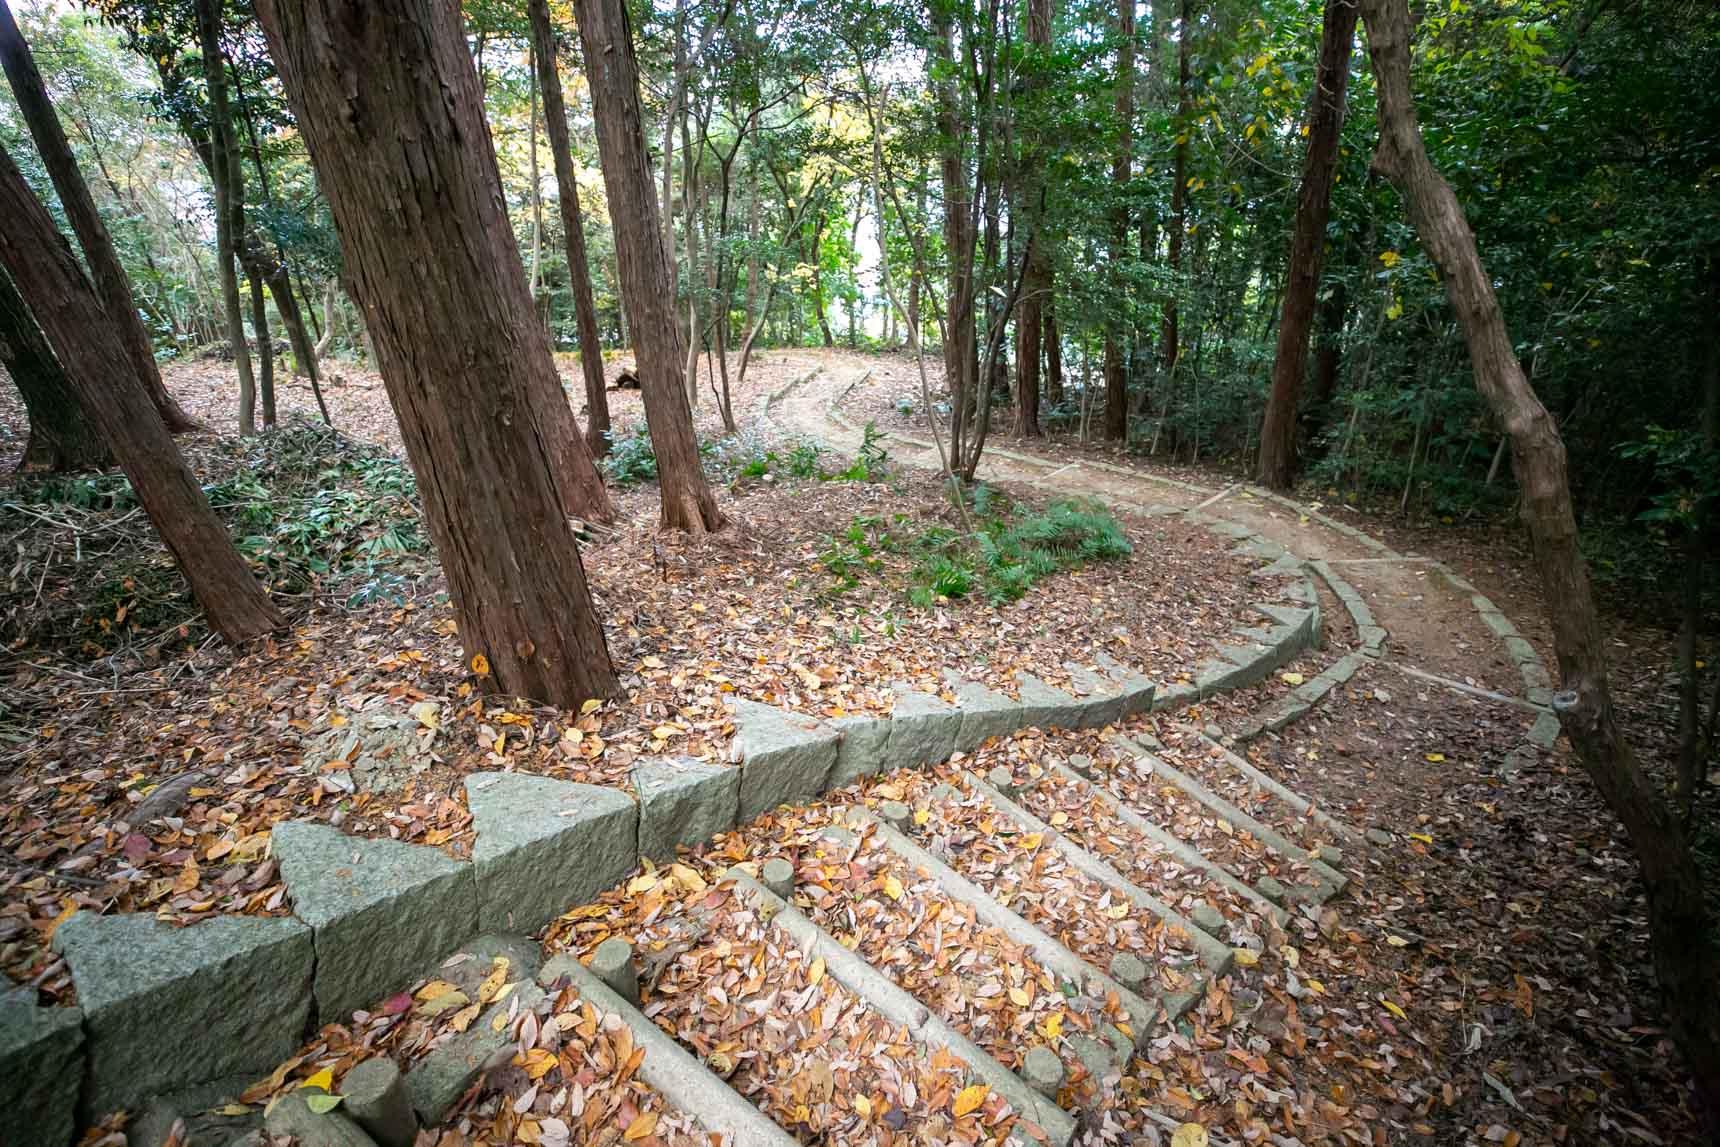 時には、木立の中へ探検に出かけるもよし。自然と身体を動かすのが習慣になりそう。